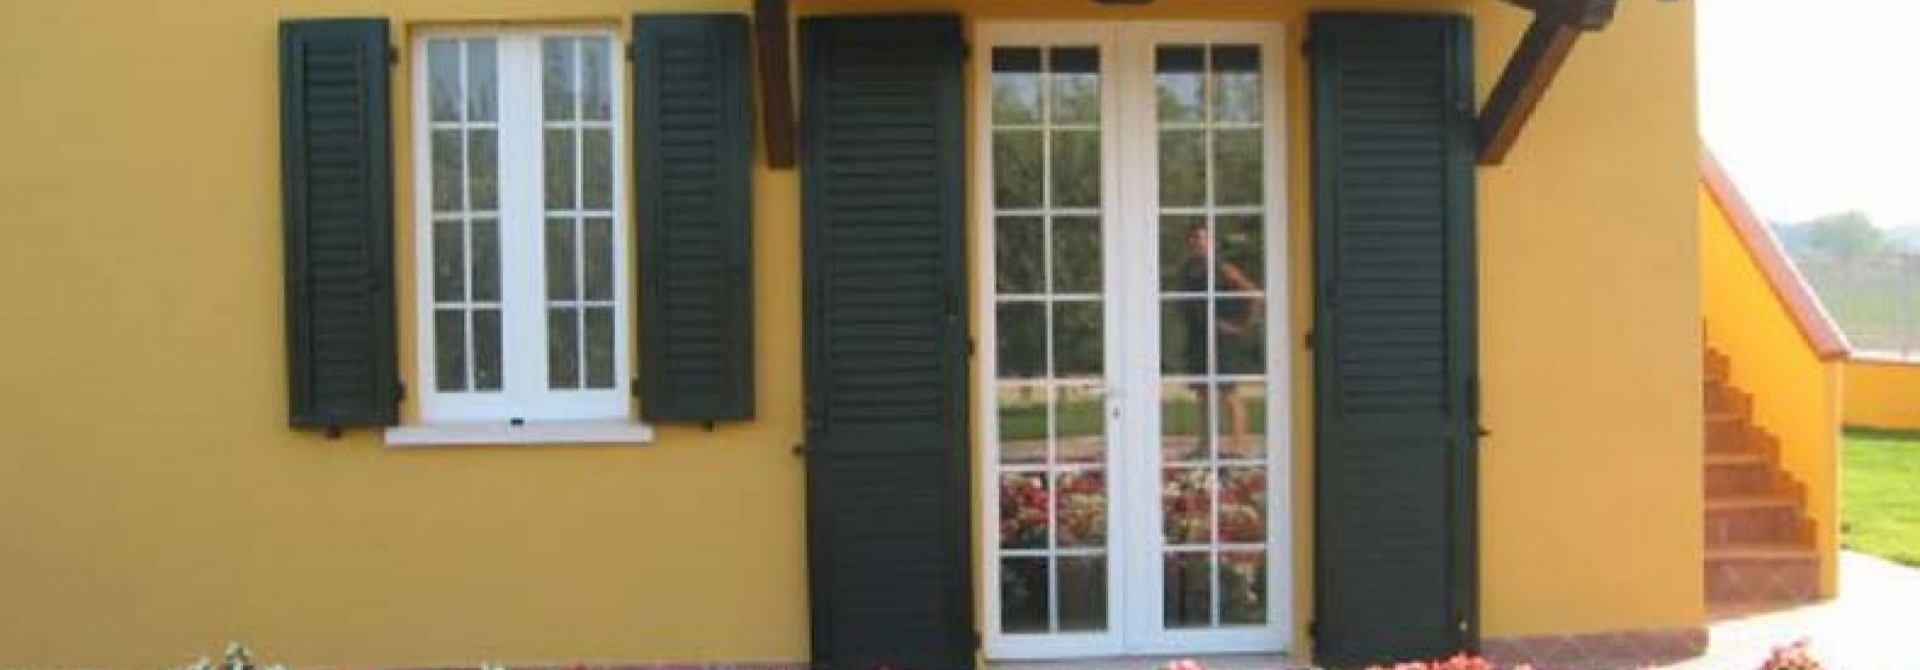 Finestre pvc bologna finestre in pvc su misura - Finestre pvc su misura prezzi ...